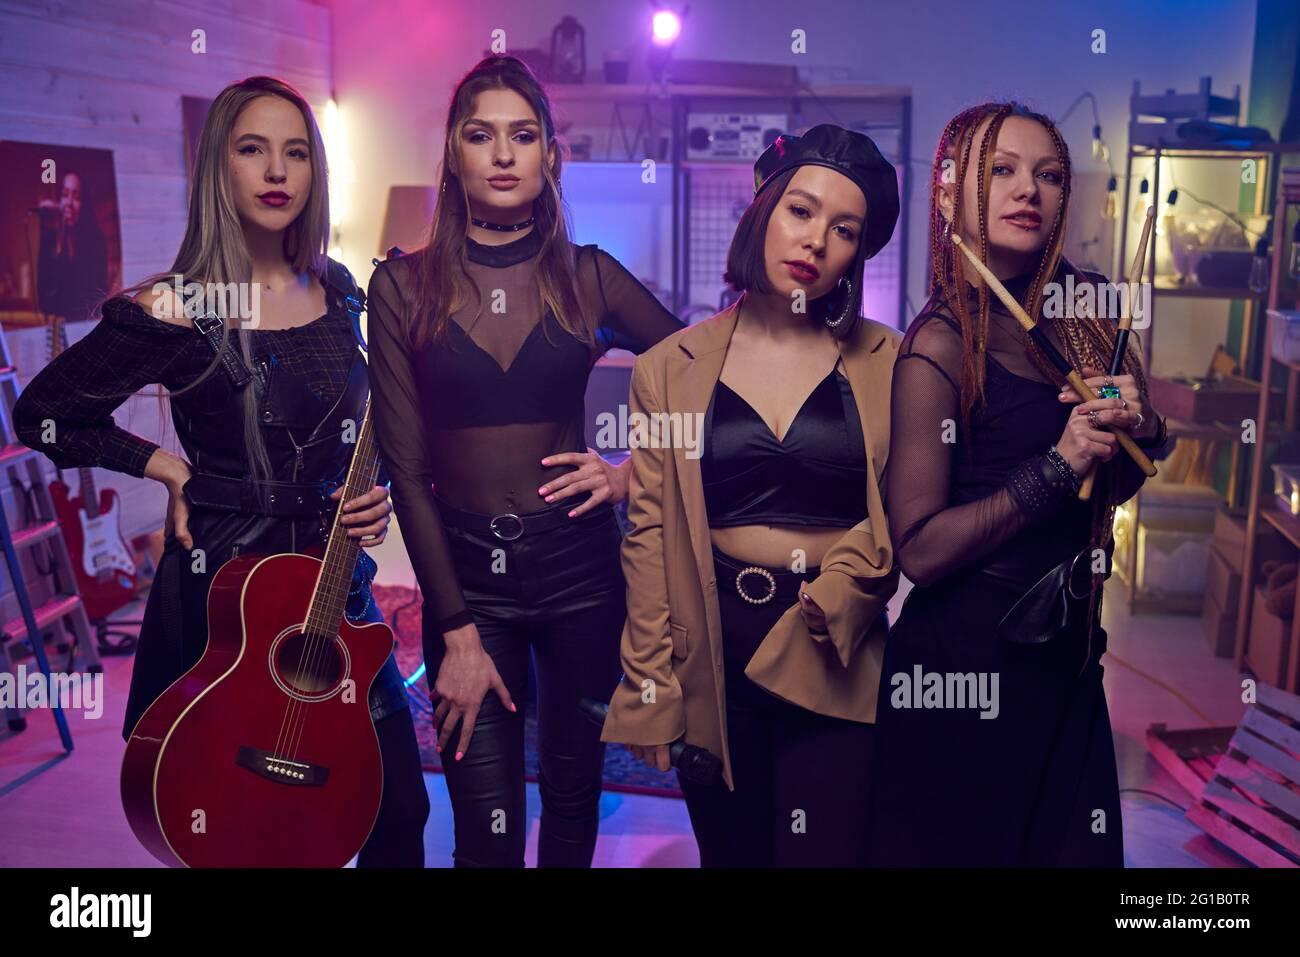 Rangée de musiciens féminins contemporains debout dans un studio de disques sonores Banque D'Images